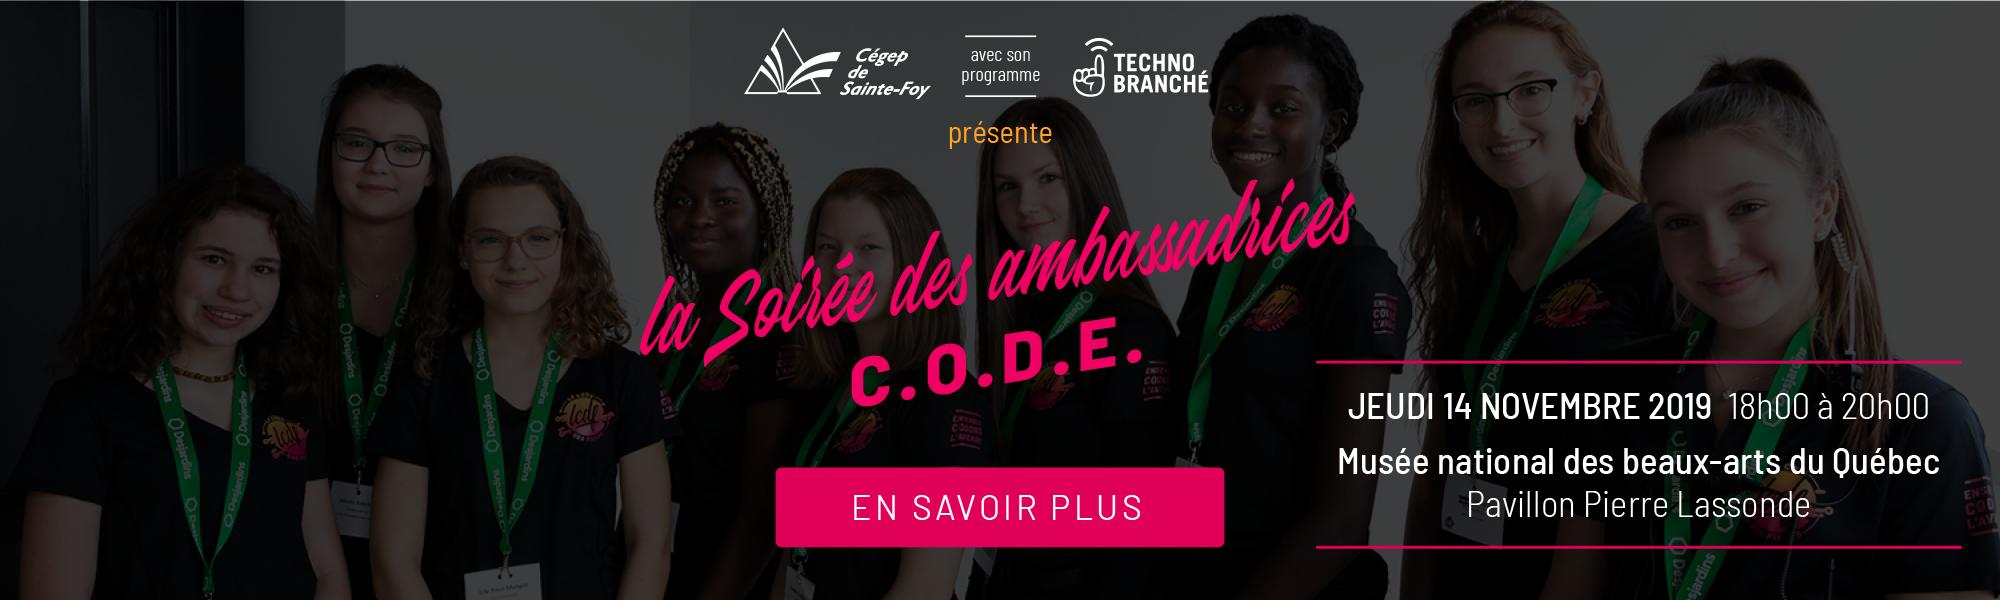 La soirée des ambassadrice C.O.D.E. Jeudi le 14 novembre 2019 de 18 à 20 heures au Musée national des beaux-arts du Québec, Pavillon Pierre Lassonde. Présenté par Cégep Ste-Foy avec son programme Techno branché.